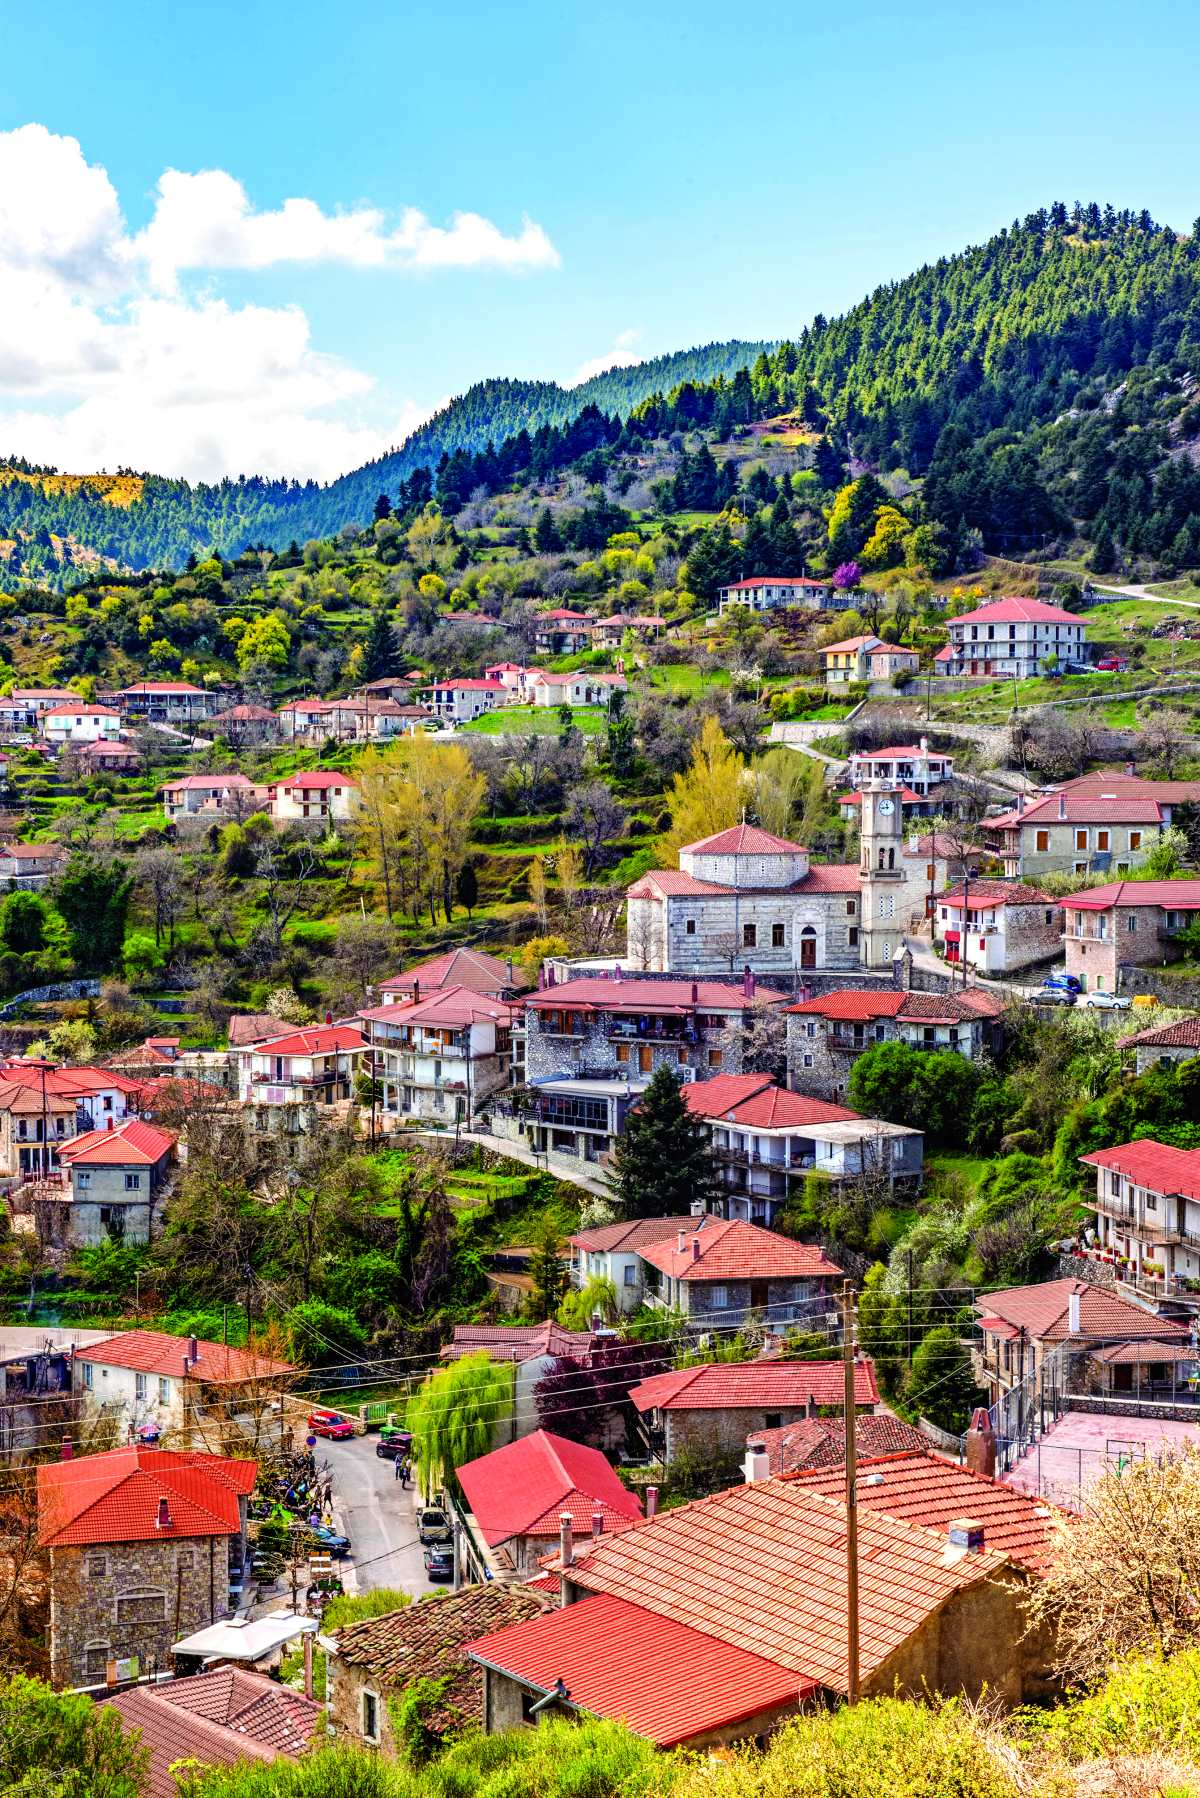 Βαλτεσίνικο, πανοραμική άποψη του χωριού